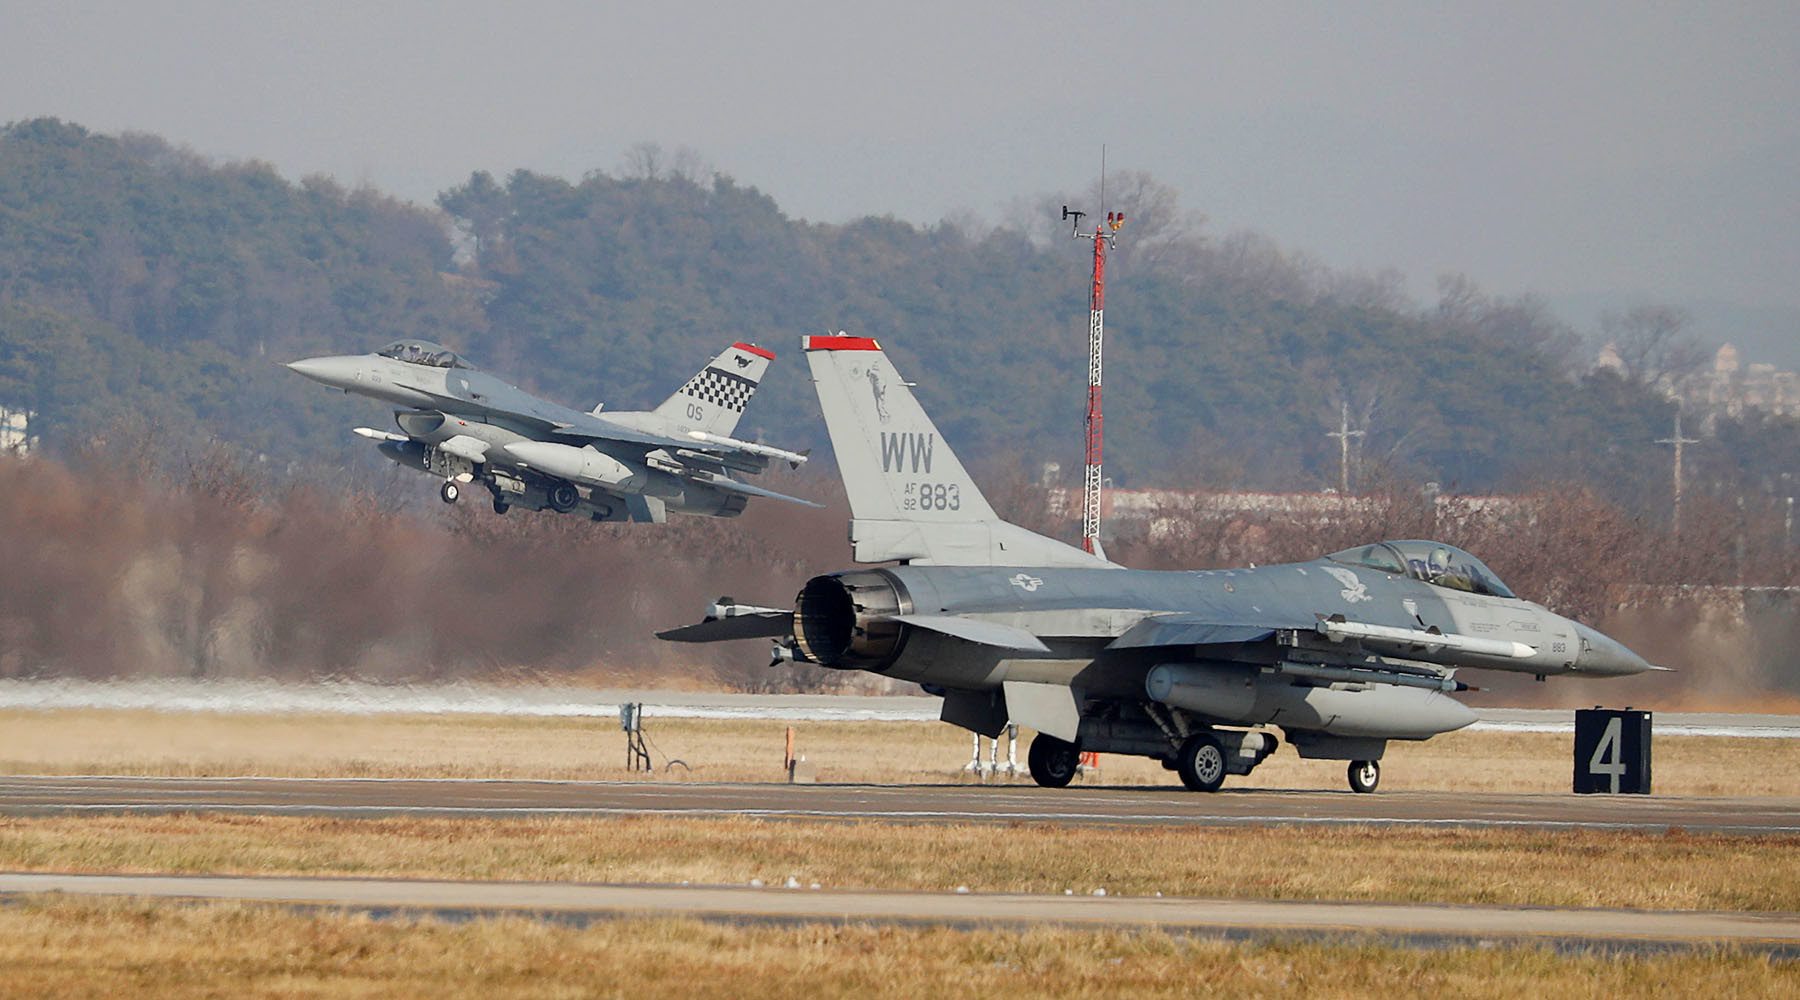 «Фитиль ядерной войны»: в КНДР заявили о неизбежности военного конфликта с США